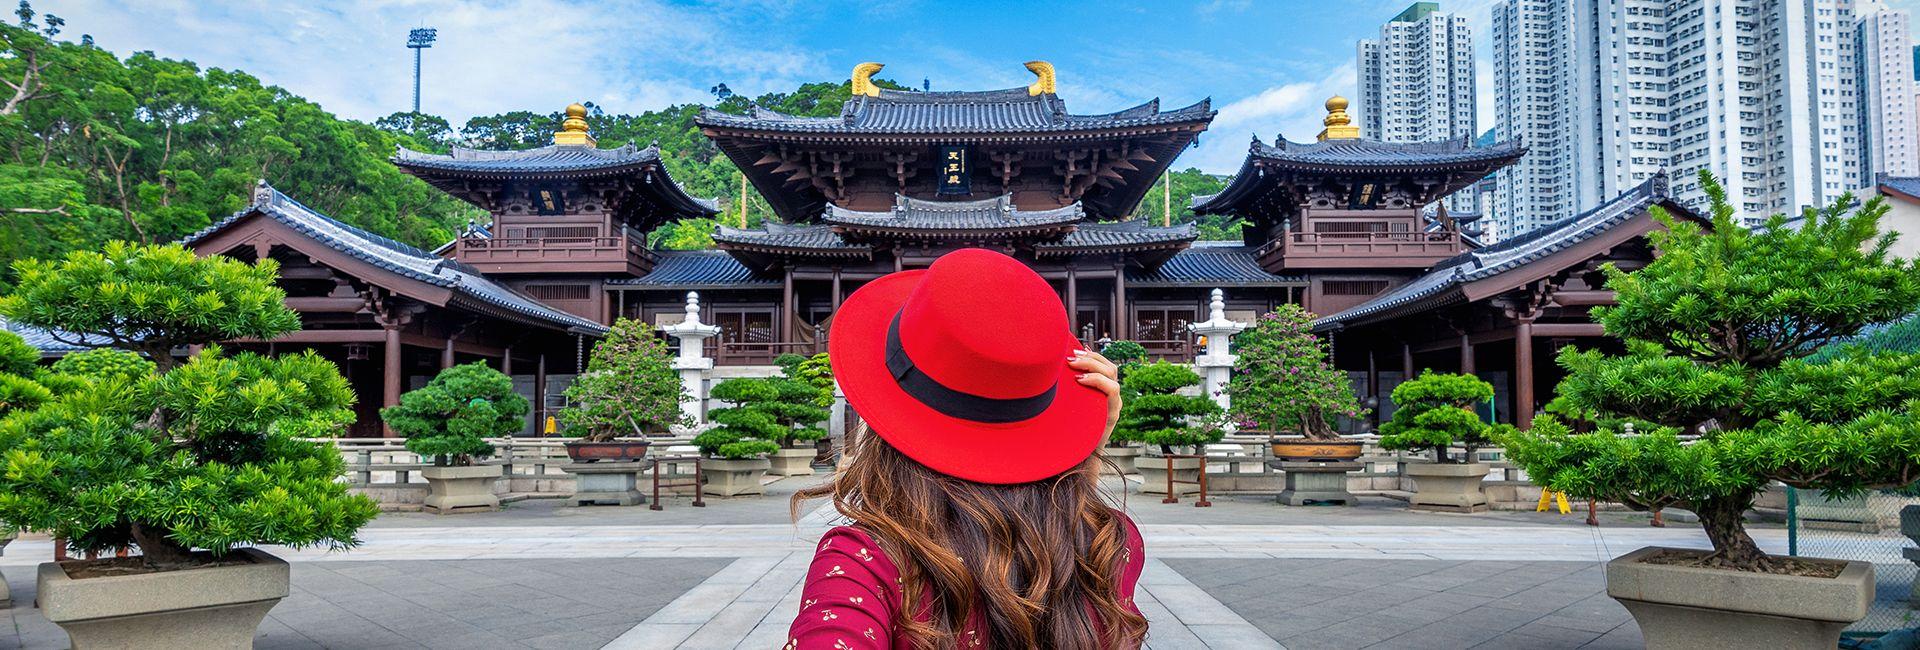 Kinh nghiệm du lịch Nam Ninh từ Hà Nội tự túc 2020